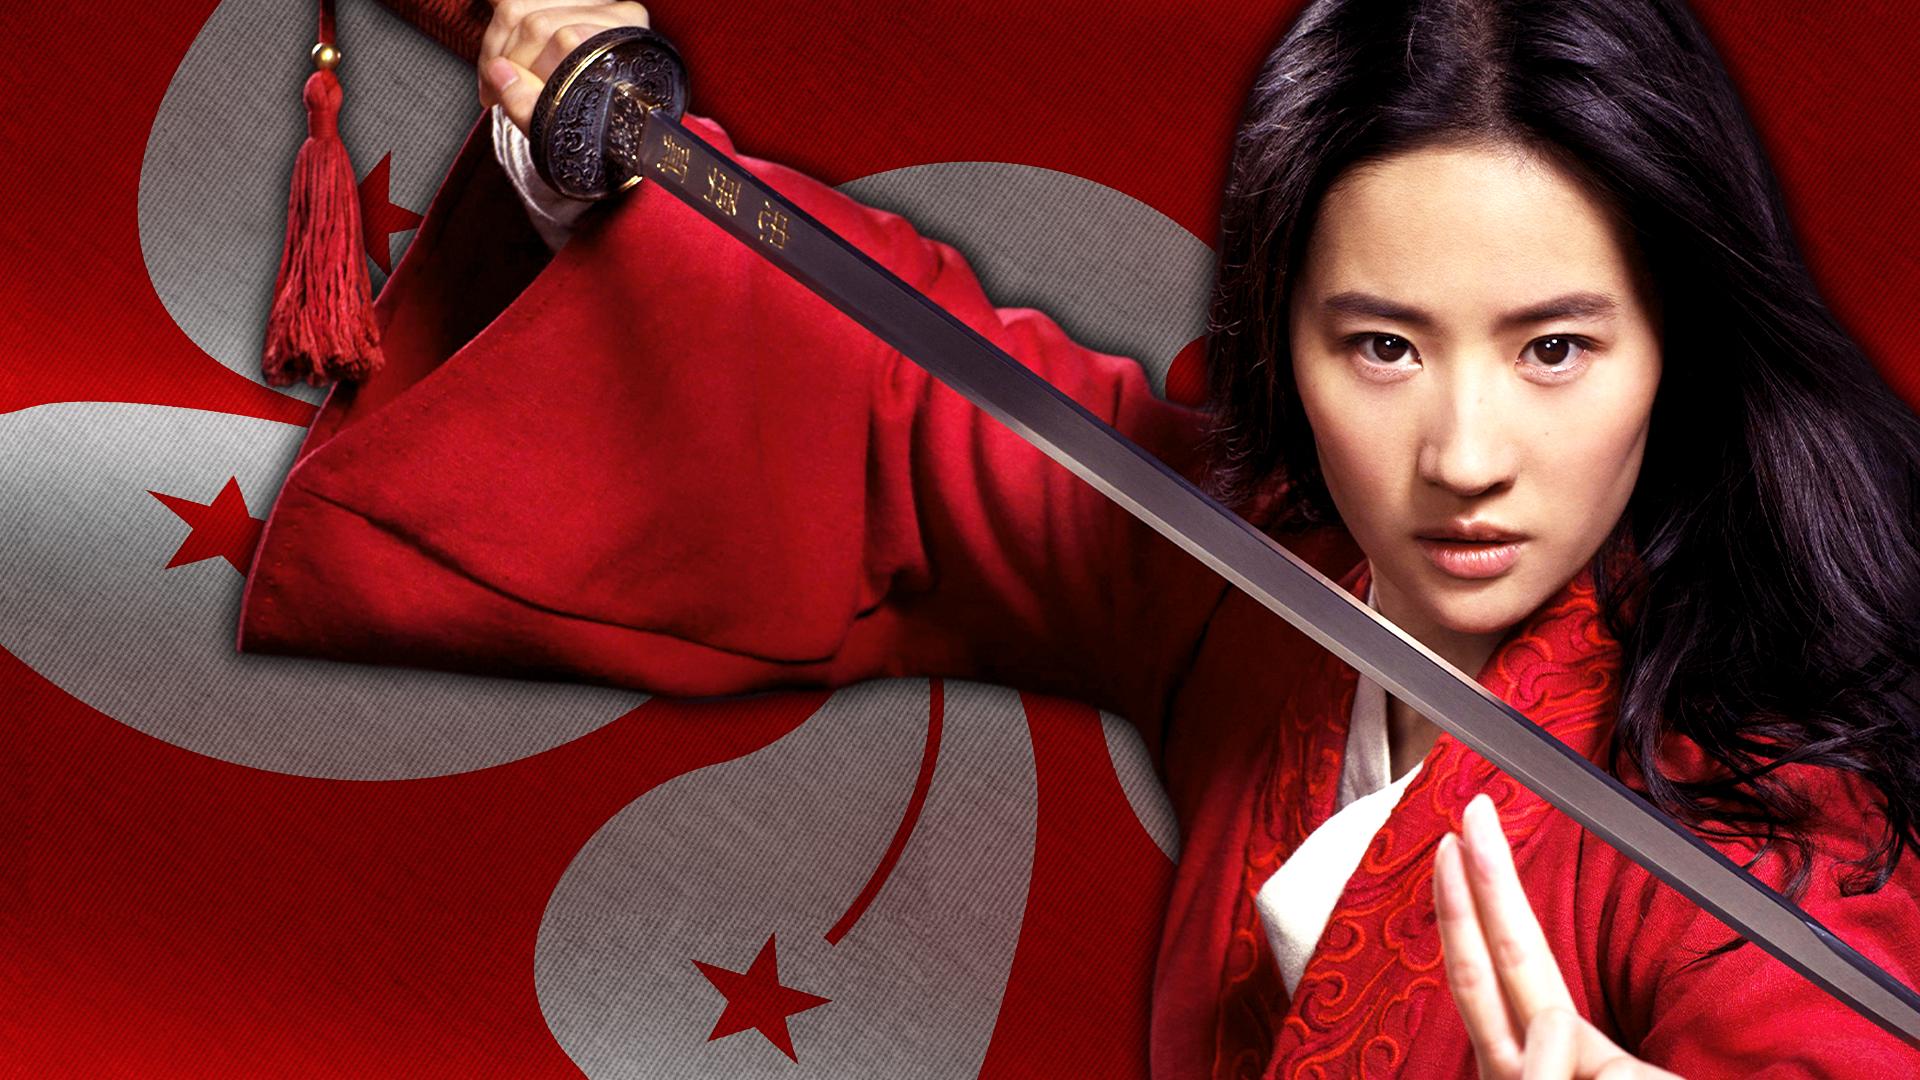 Disney Faces Backlash For Filming Parts Of Mulan In Xinjiang Region Rogue Rocket